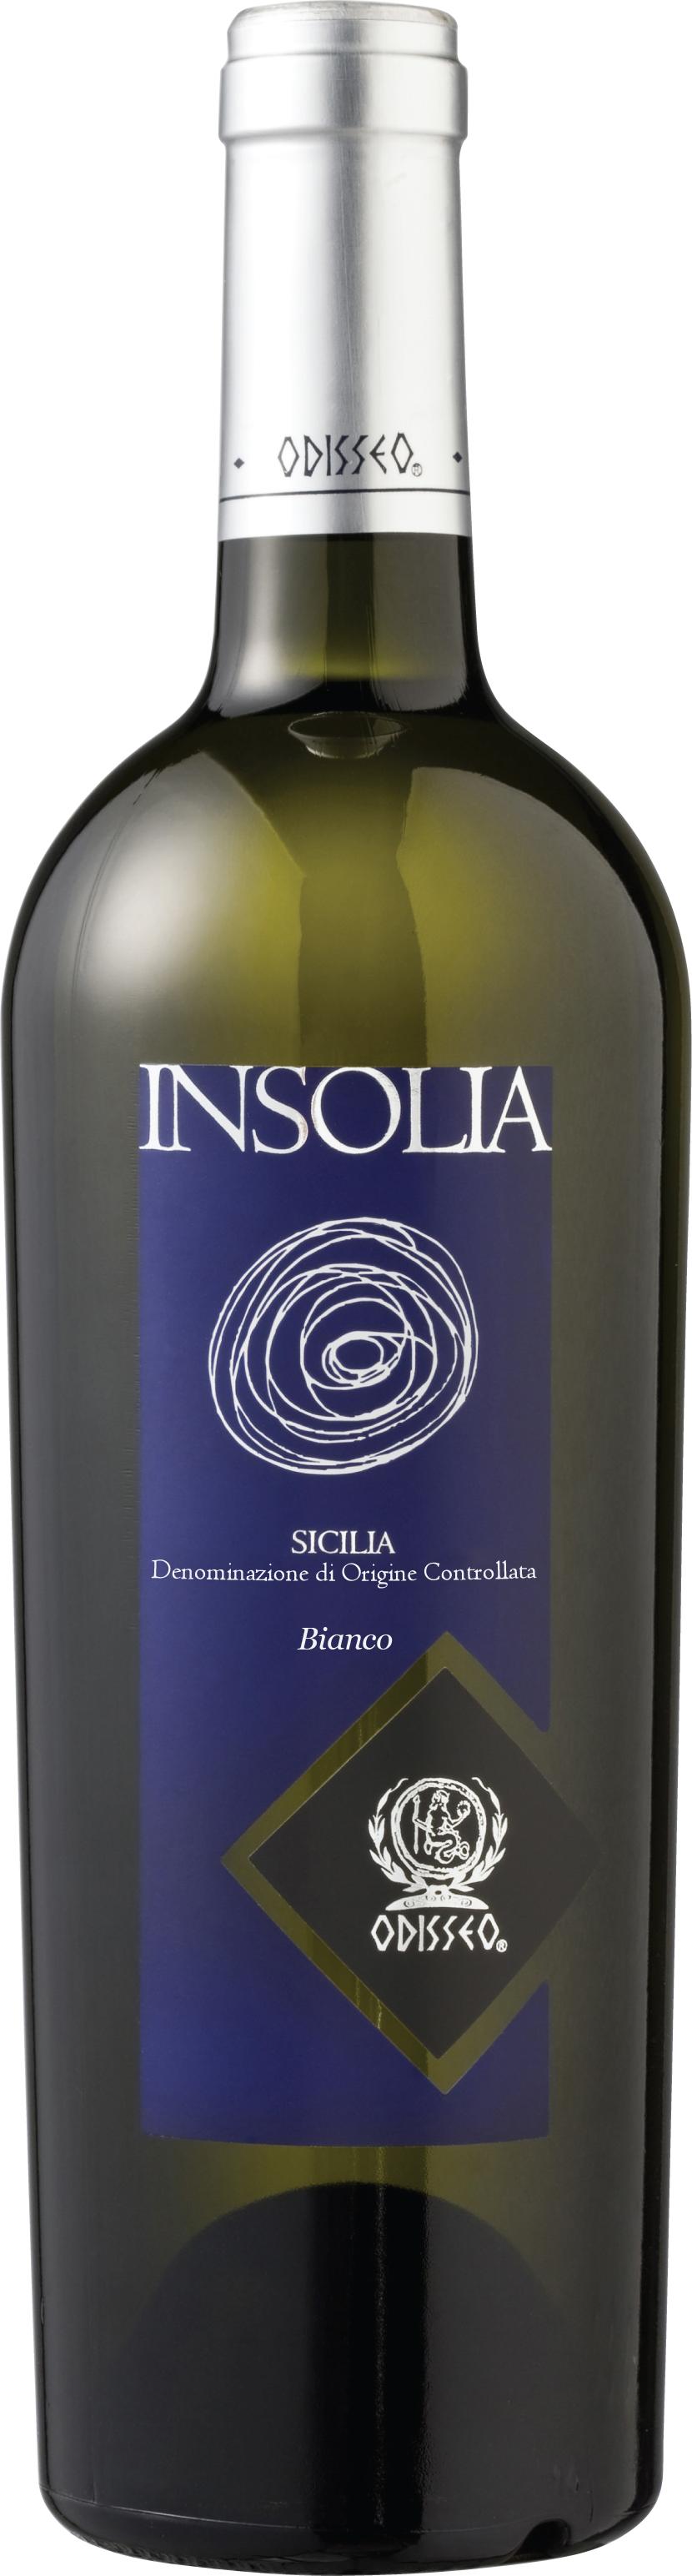 ODISSEO - Insolia Sicilia DOC 2017